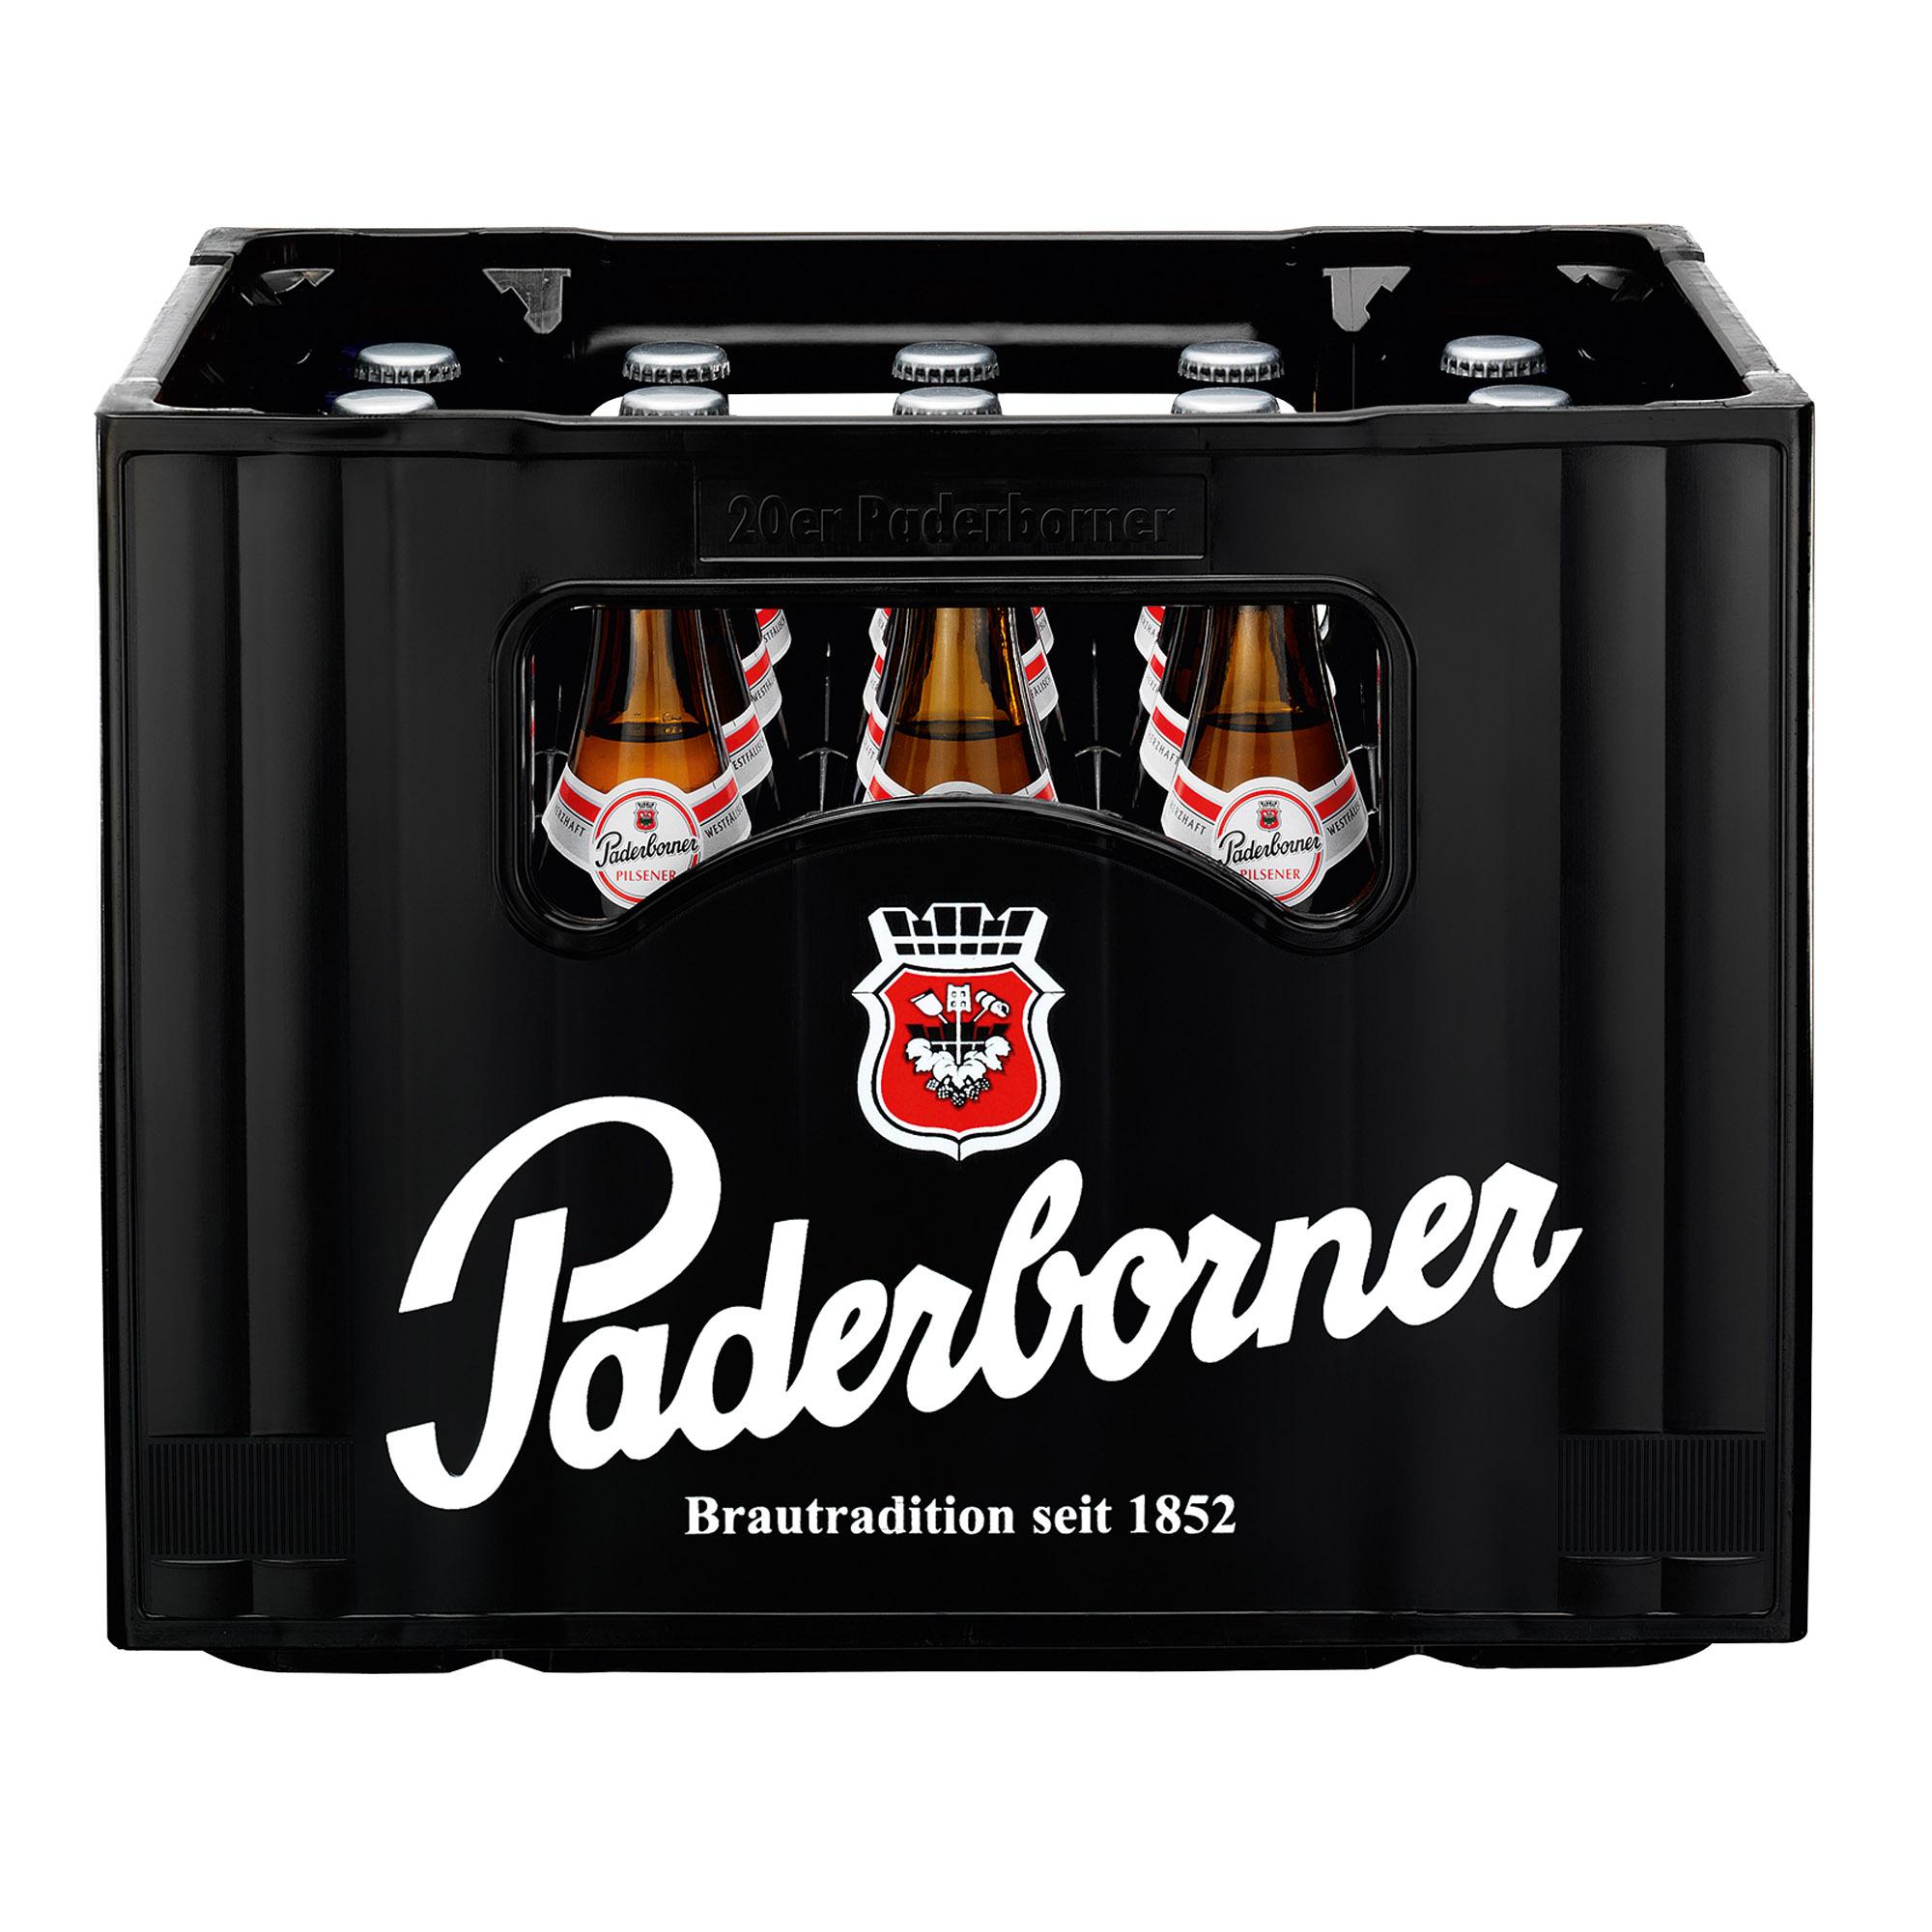 Produktabbildung Paderborner Pilsener Kasten 20 x 0,5 l frontal